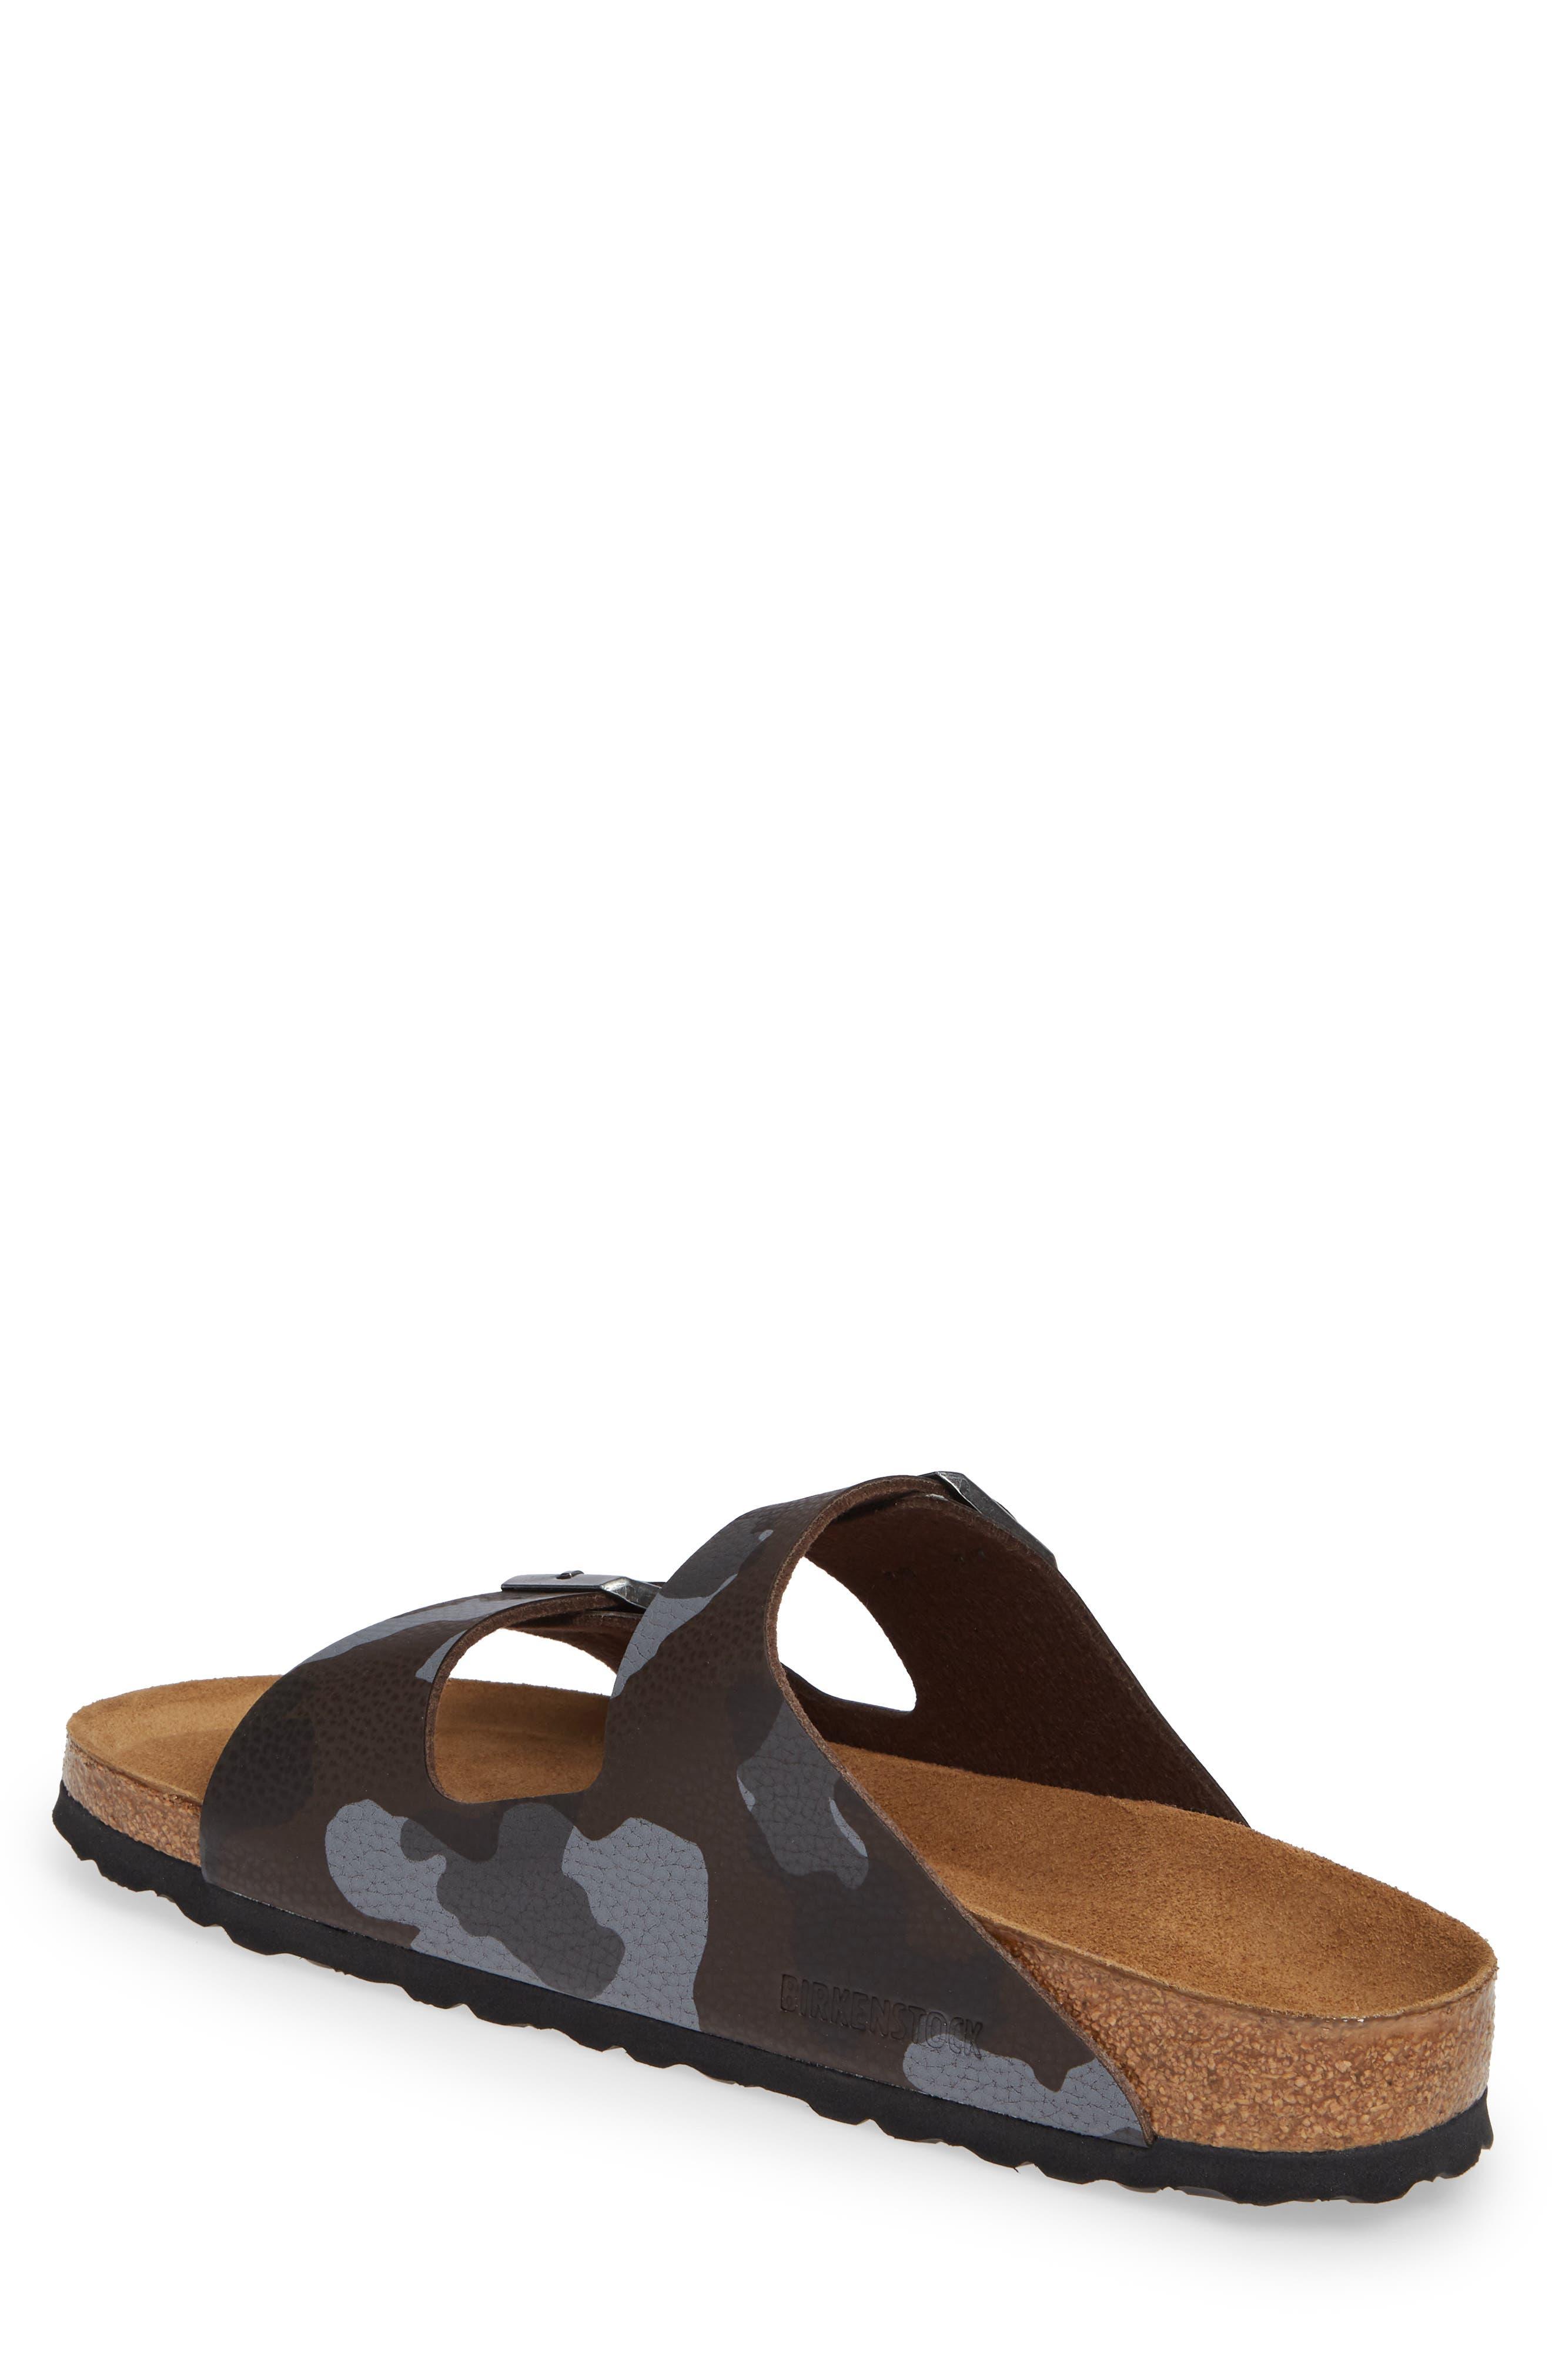 Arizona Soft Slide Sandal,                             Alternate thumbnail 2, color,                             DESERT SOIL CAMO BROWN